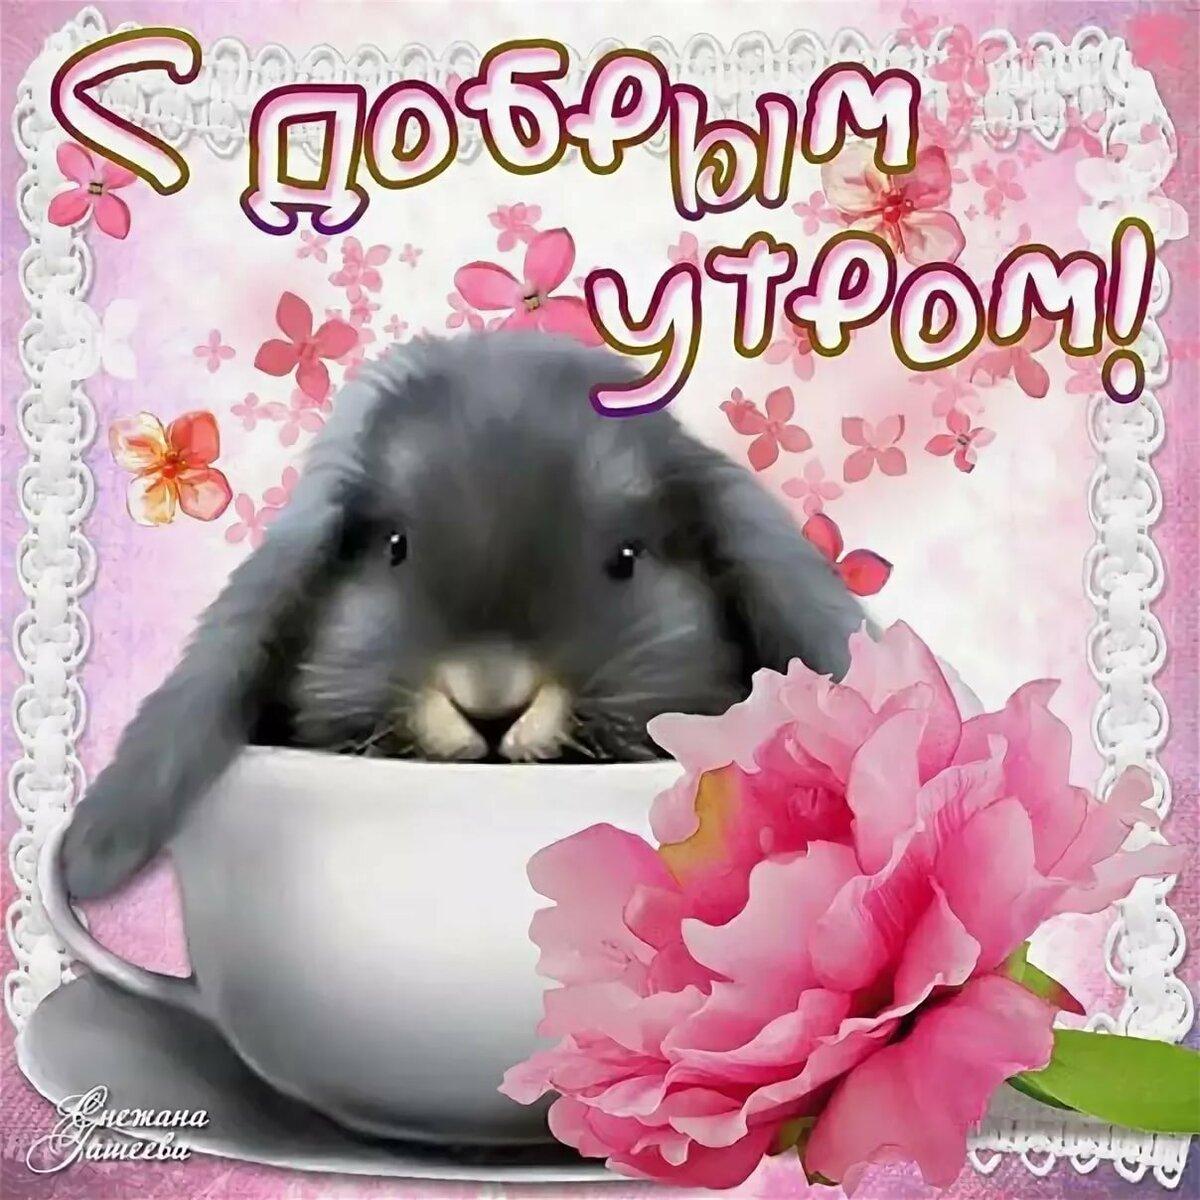 Днем, милые картинки привет доброго утра